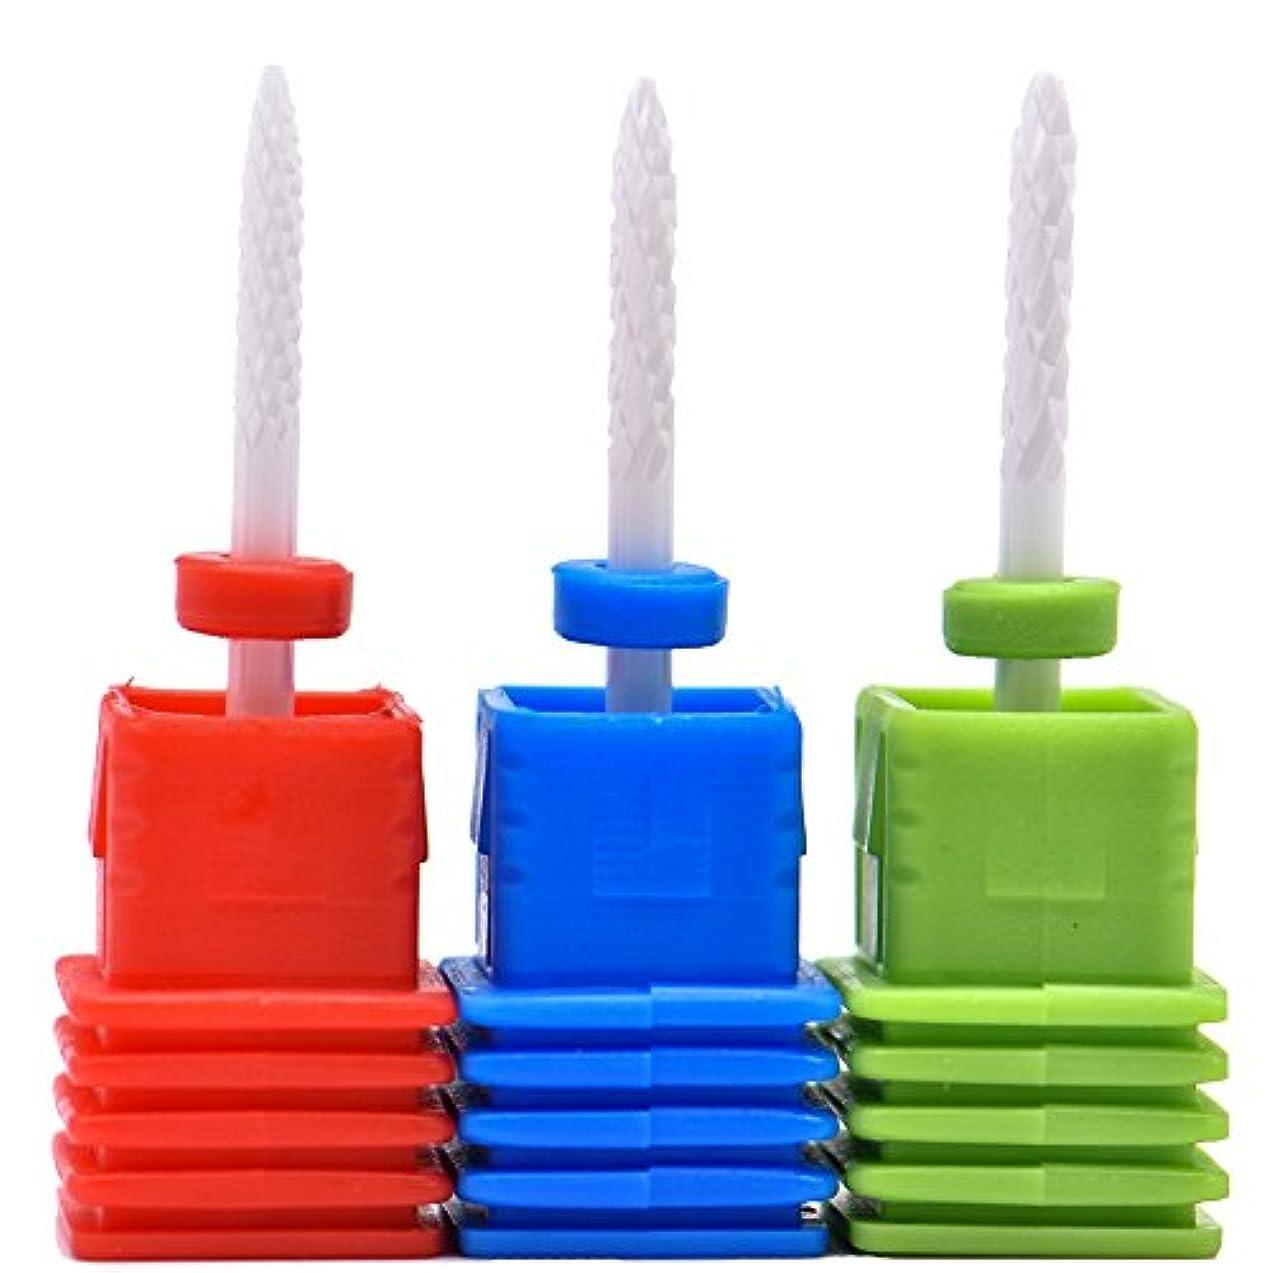 不快なローン特にOral Dentistry ネイルアート ドリルビット 細かい 研削ヘッド 研磨ヘッド ネイル グラインド ヘッド 爪 磨き 研磨 研削 セラミック 全3色 (レッドF(微研削)+ブルーM(中仕上げ)+グリーンC(粗研削))